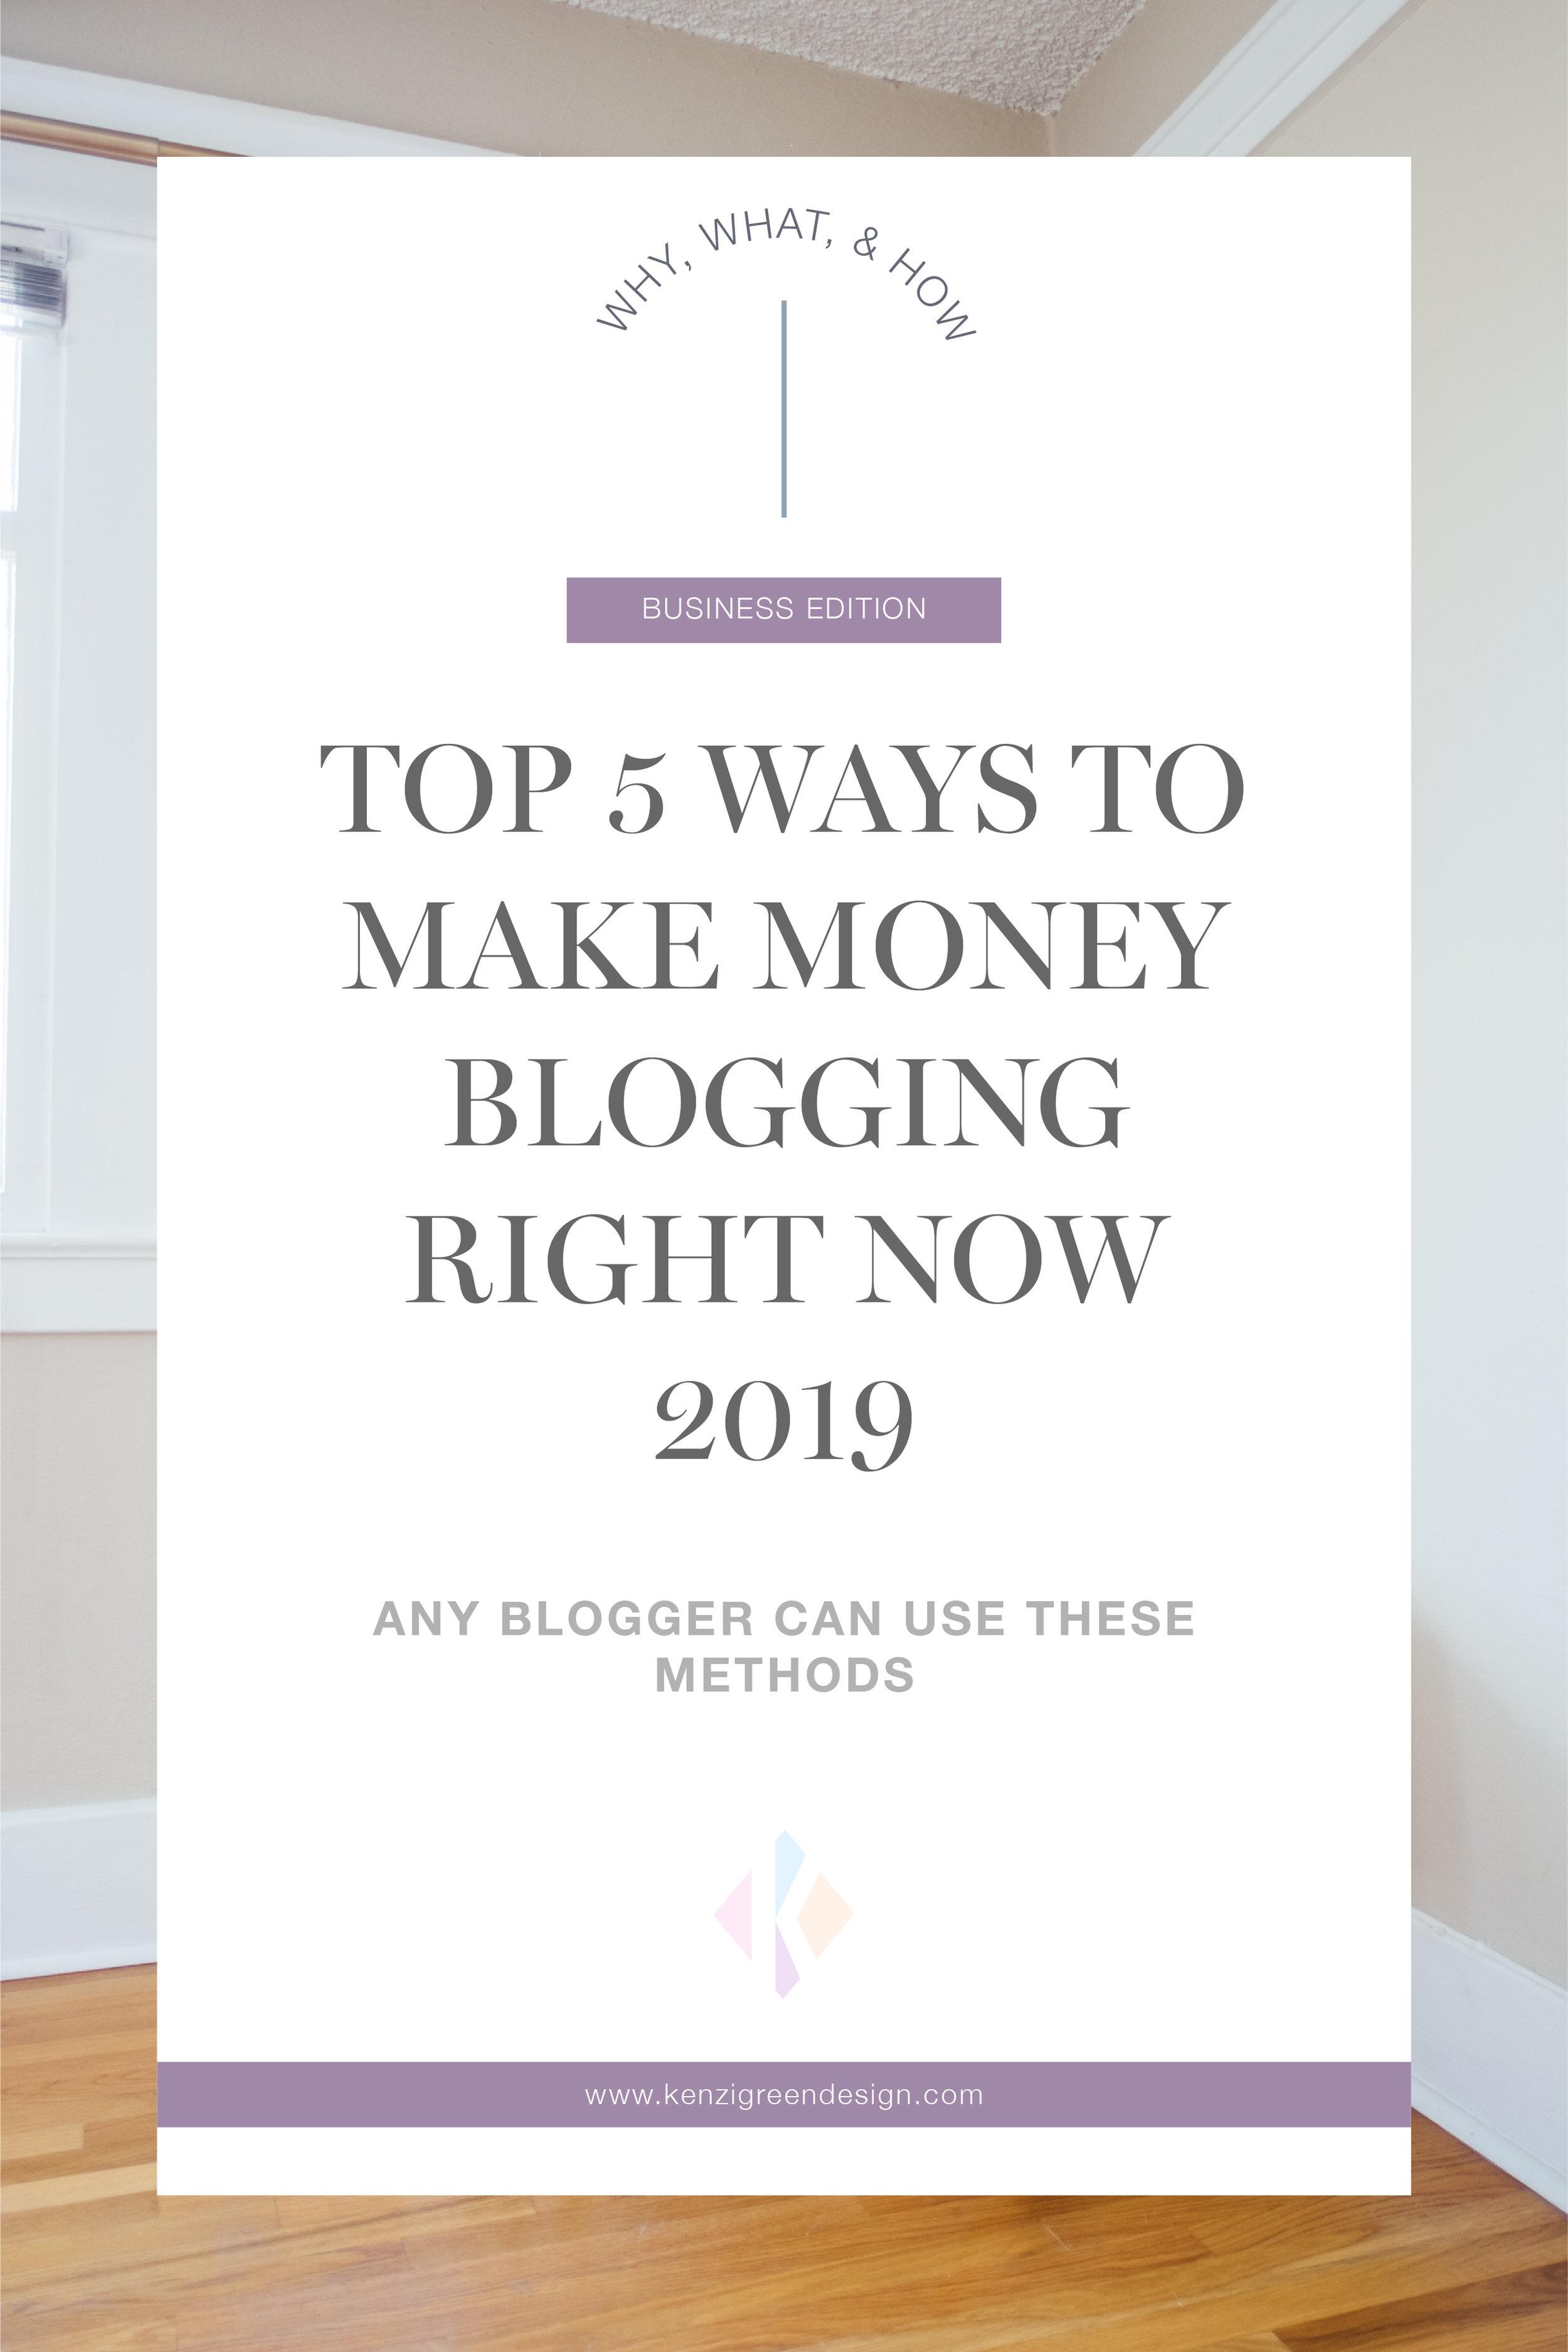 Top 5 Ways To Make Money Blogging Right Now 2019 #moneyblog #makemoneyblogging #blogideas #monetize